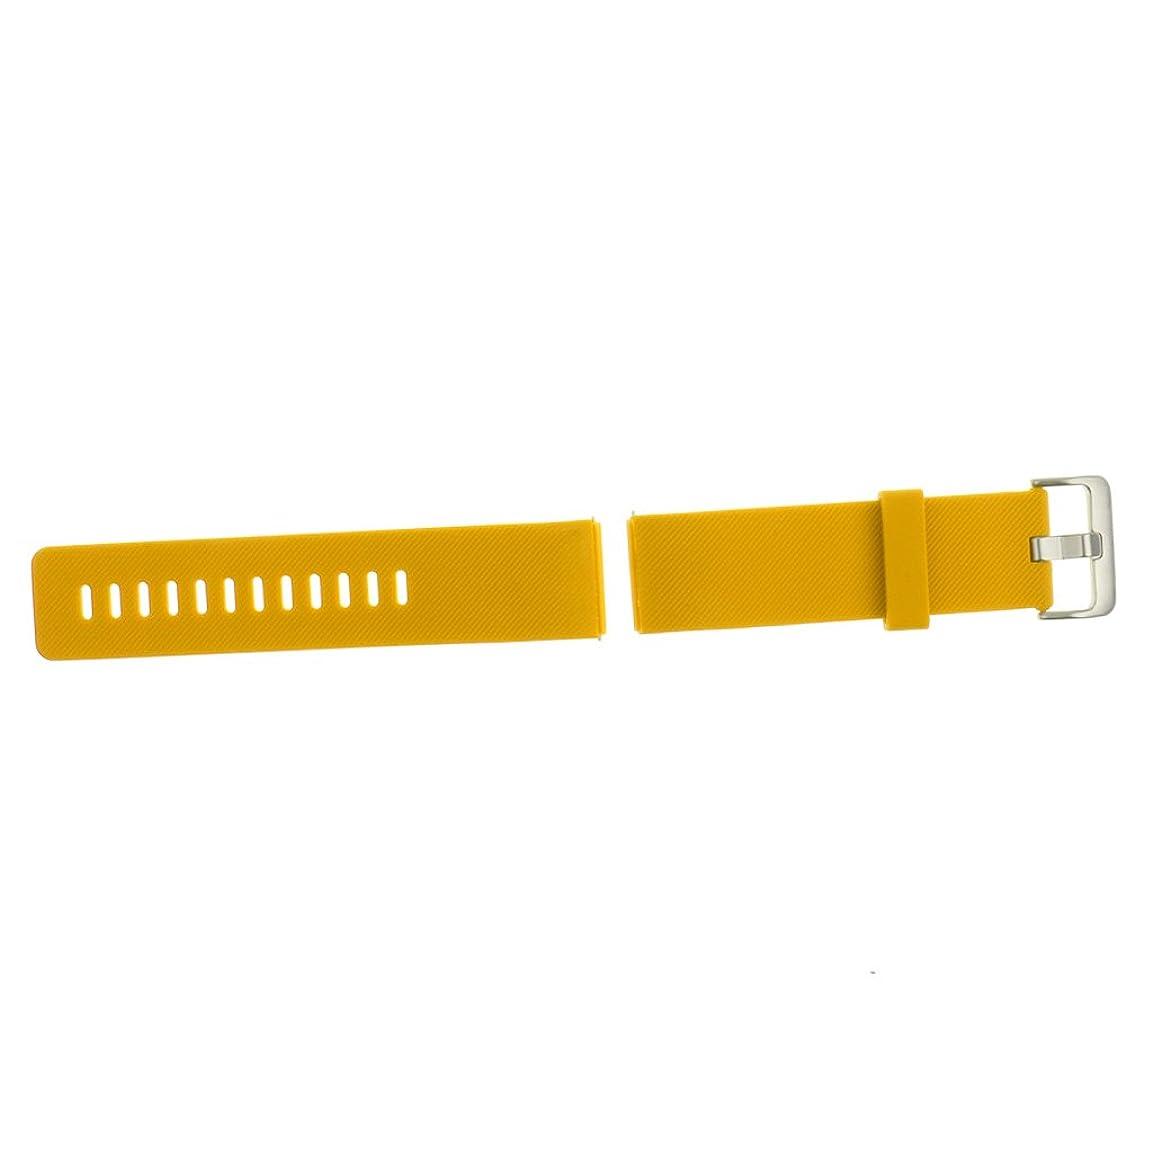 団結する自由生き物Fitbit Blaze 用 シリカゲル製 交換用 手首 ブレスレット スポーツ バンド - 黄